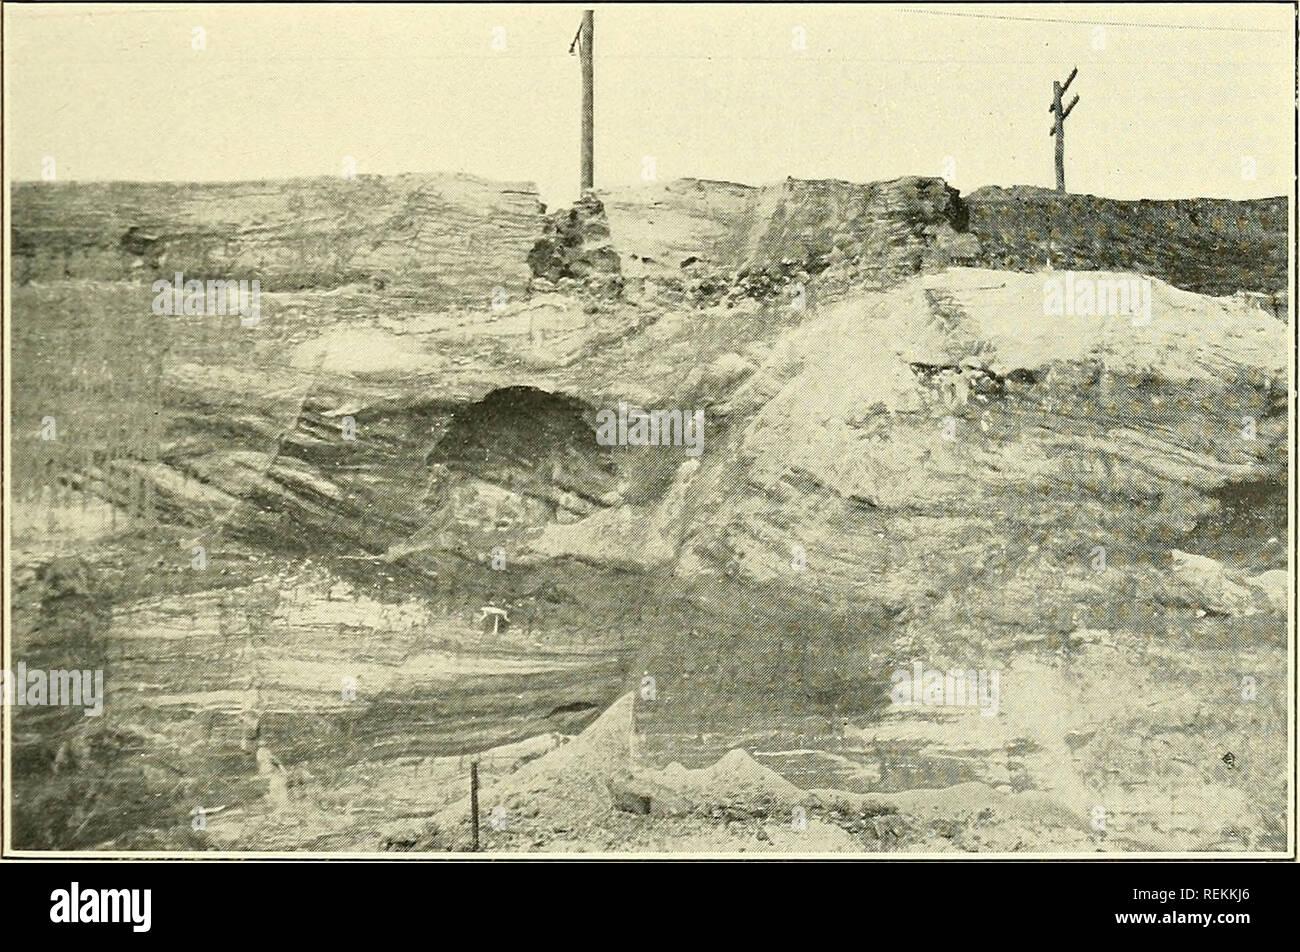 Die Tone Und Tonindustrie Von New Jersey Lehm Ton Branchen Abb